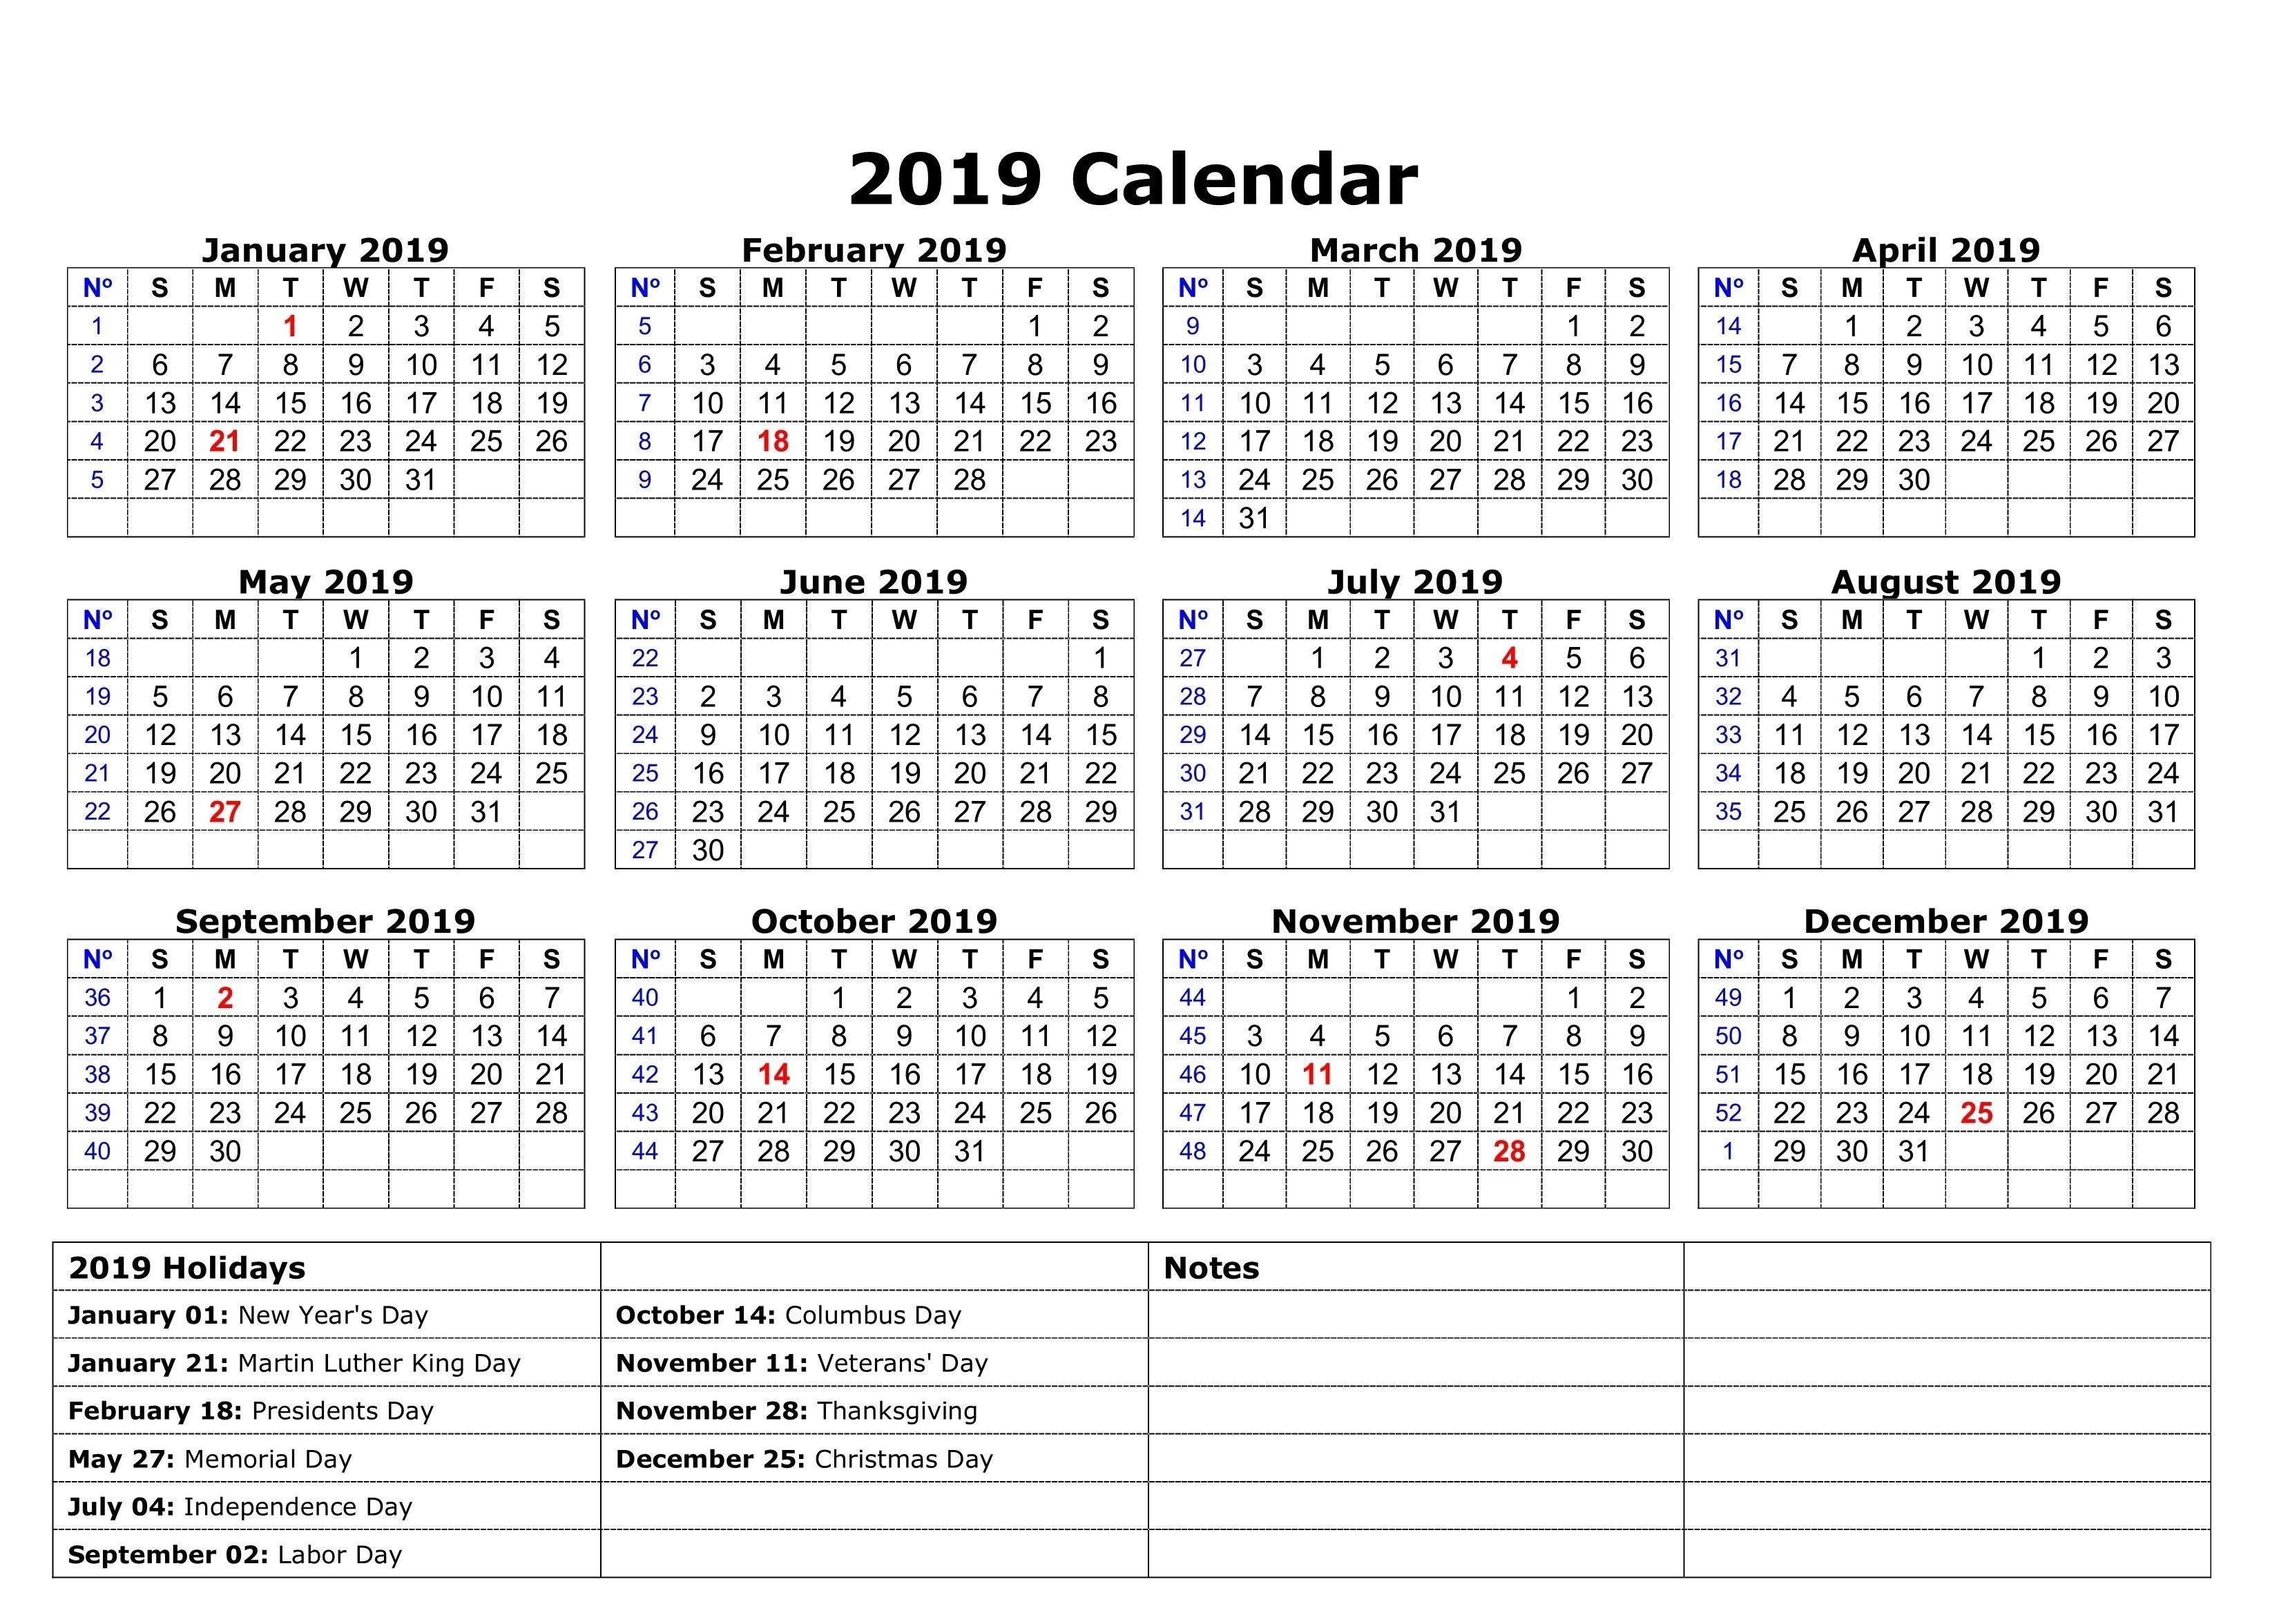 2019 Calendar Holidays | 2019 Calendar Holidays | Pinterest Calendar 2019 List Of Holidays